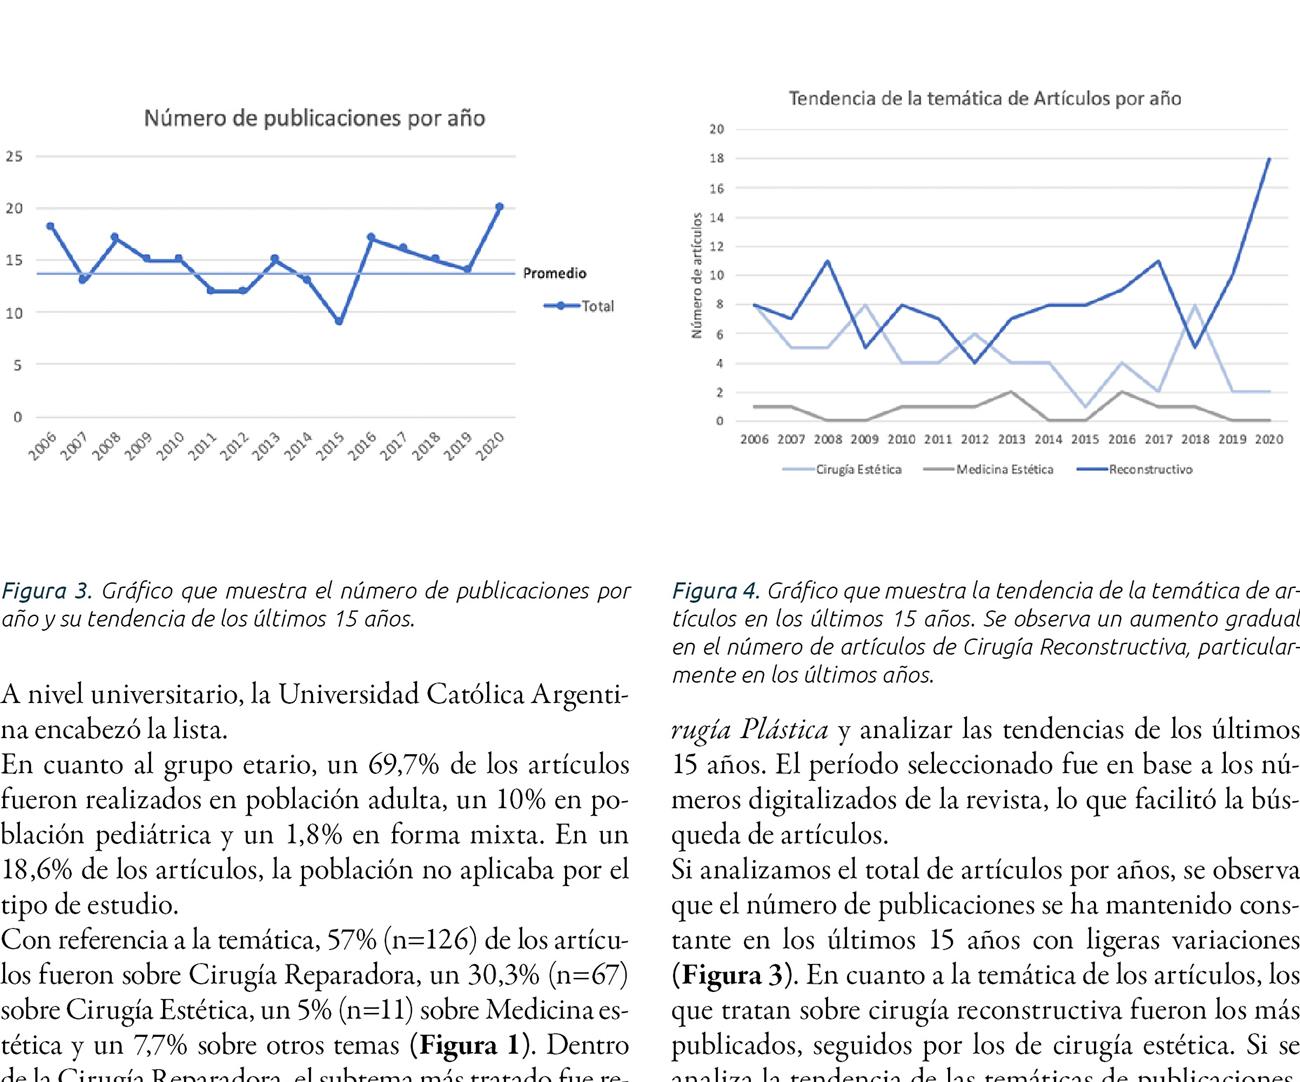 Revista Argentina de Cirugía Plástica. Estadística  de publicaciones de los últimos 15 años